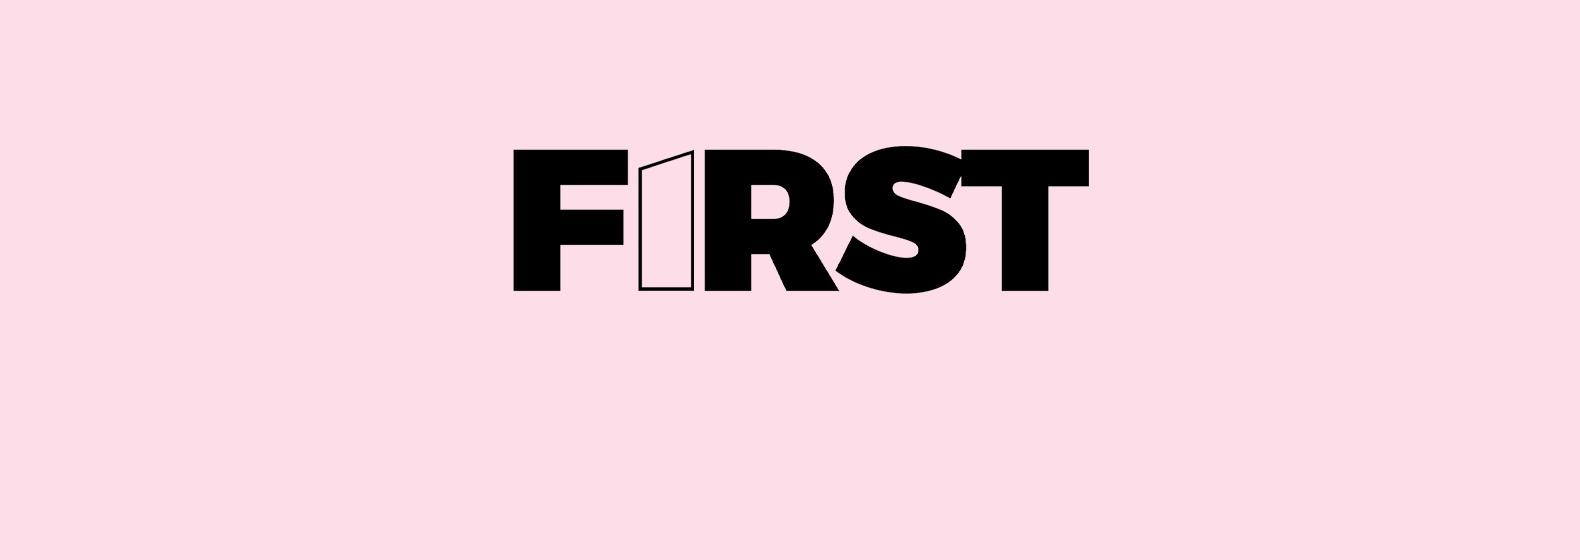 first_en_tete.jpg